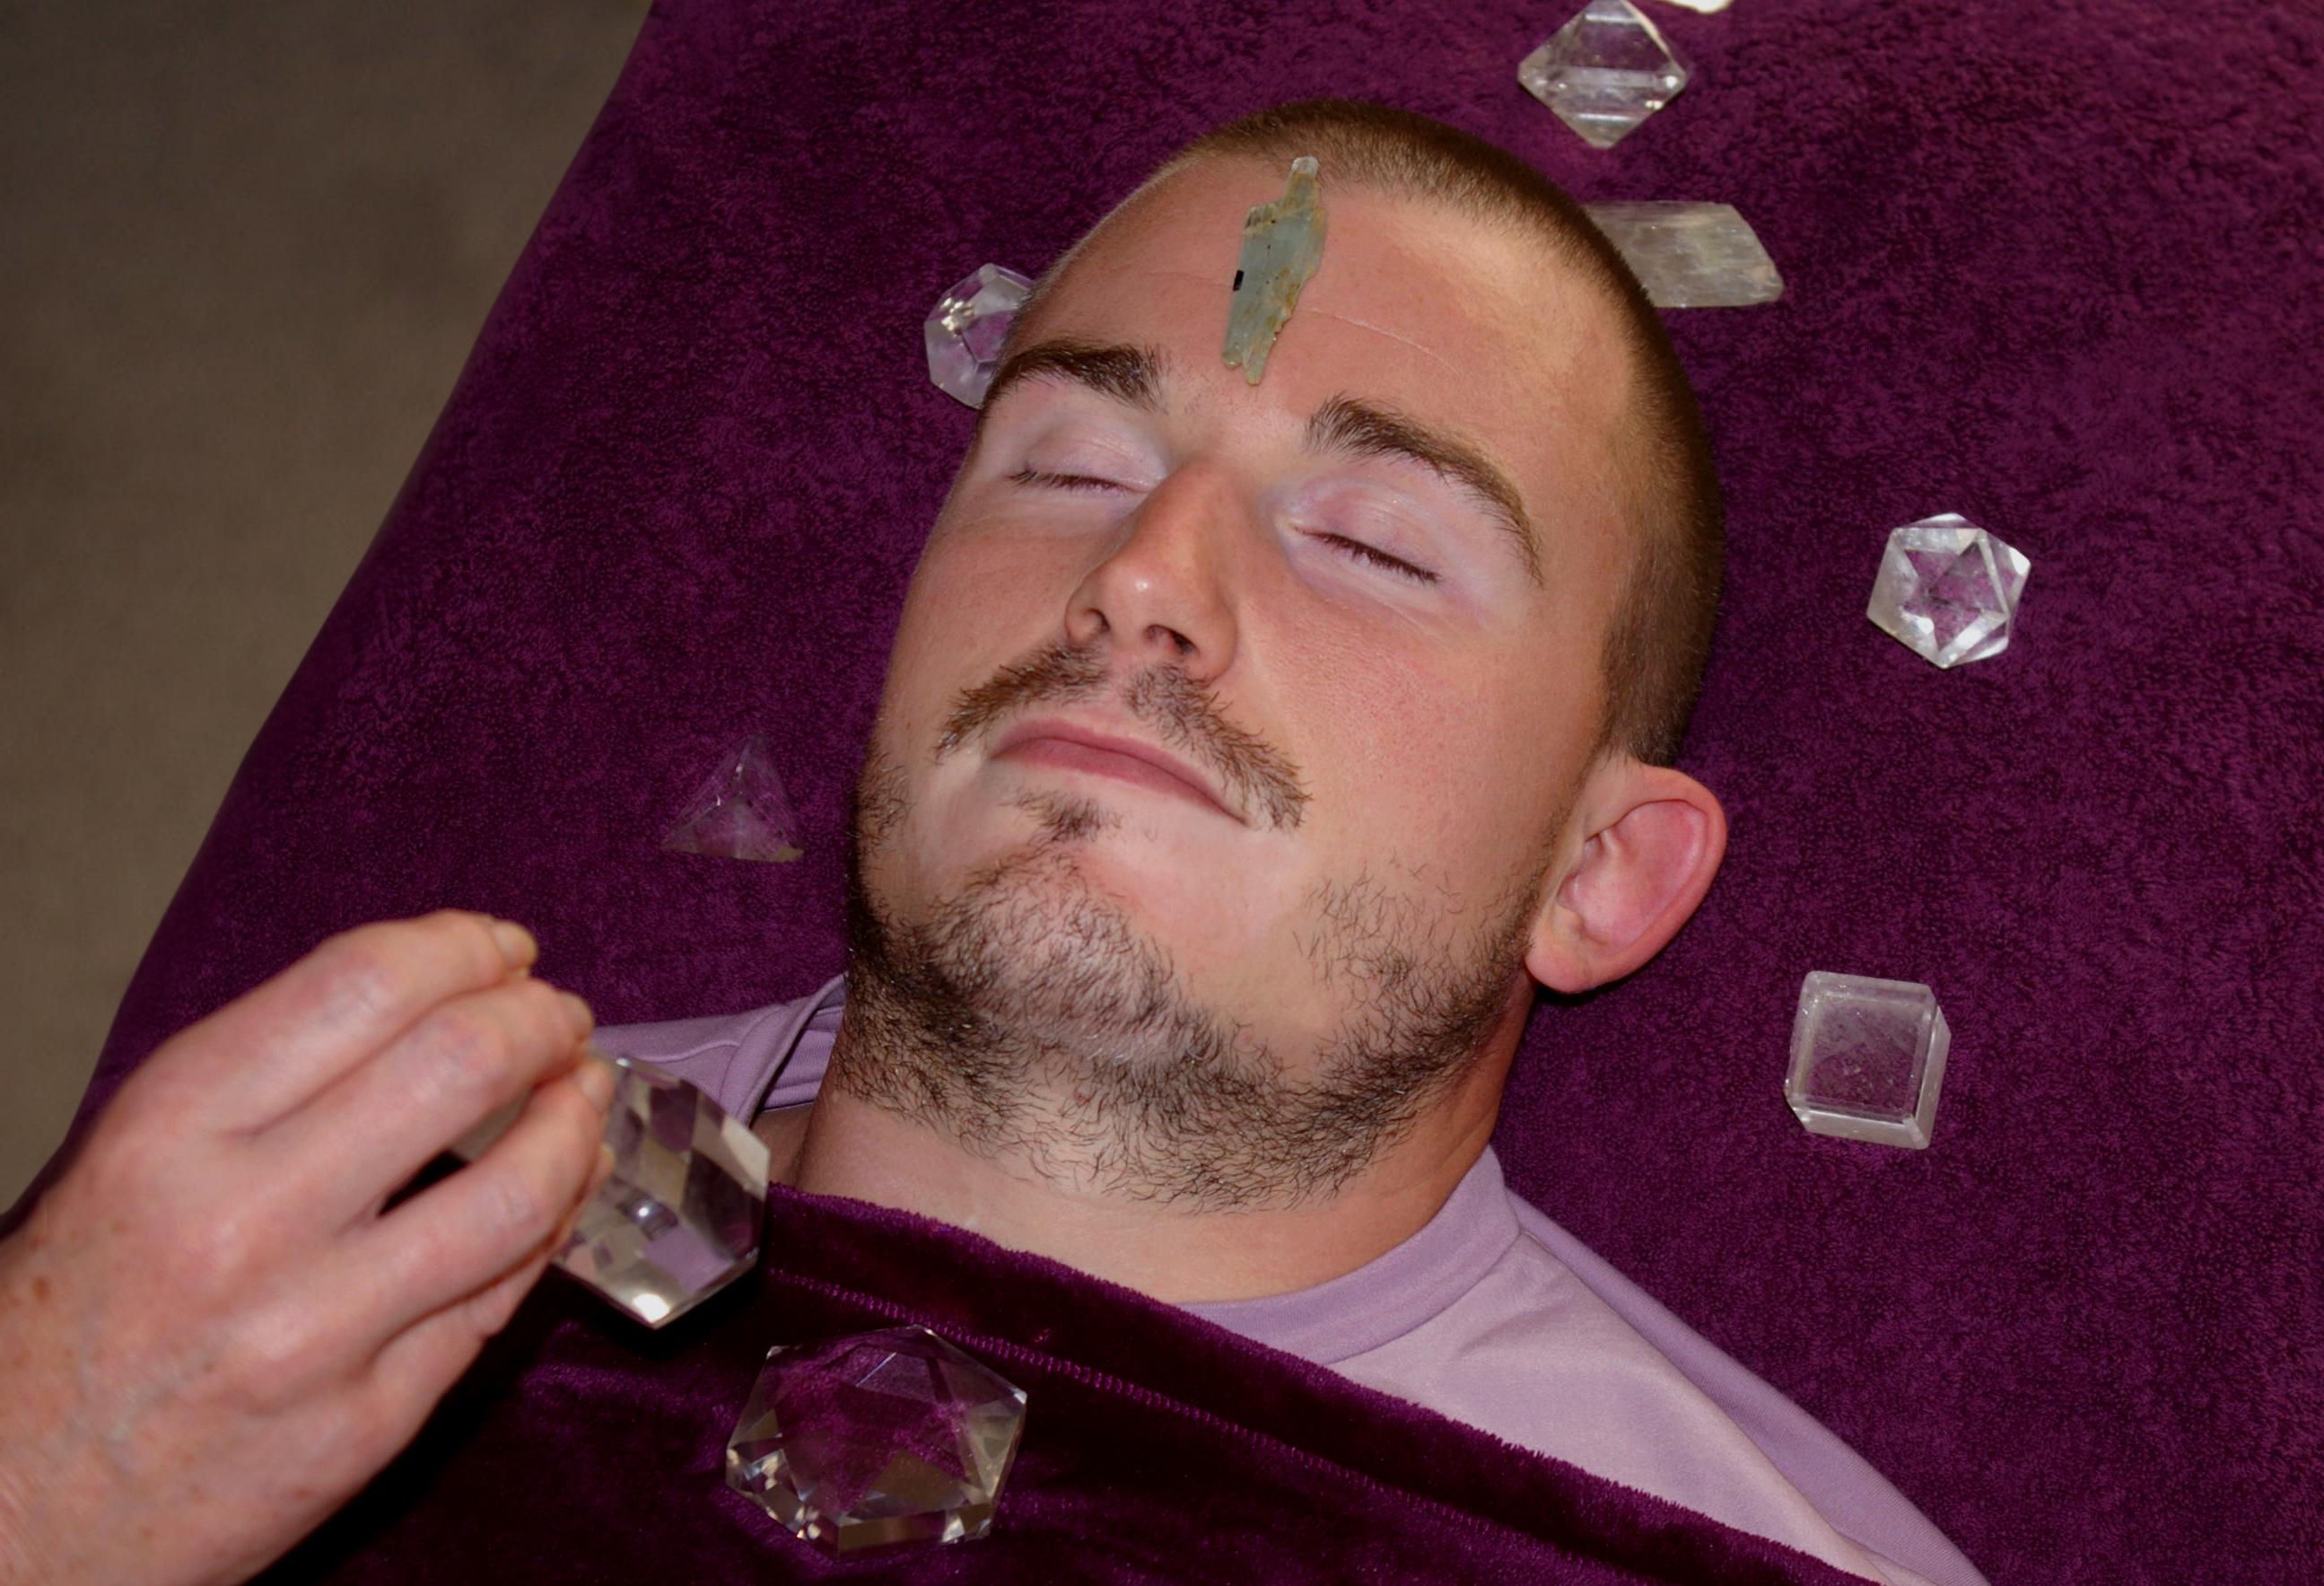 Rhys Crystals